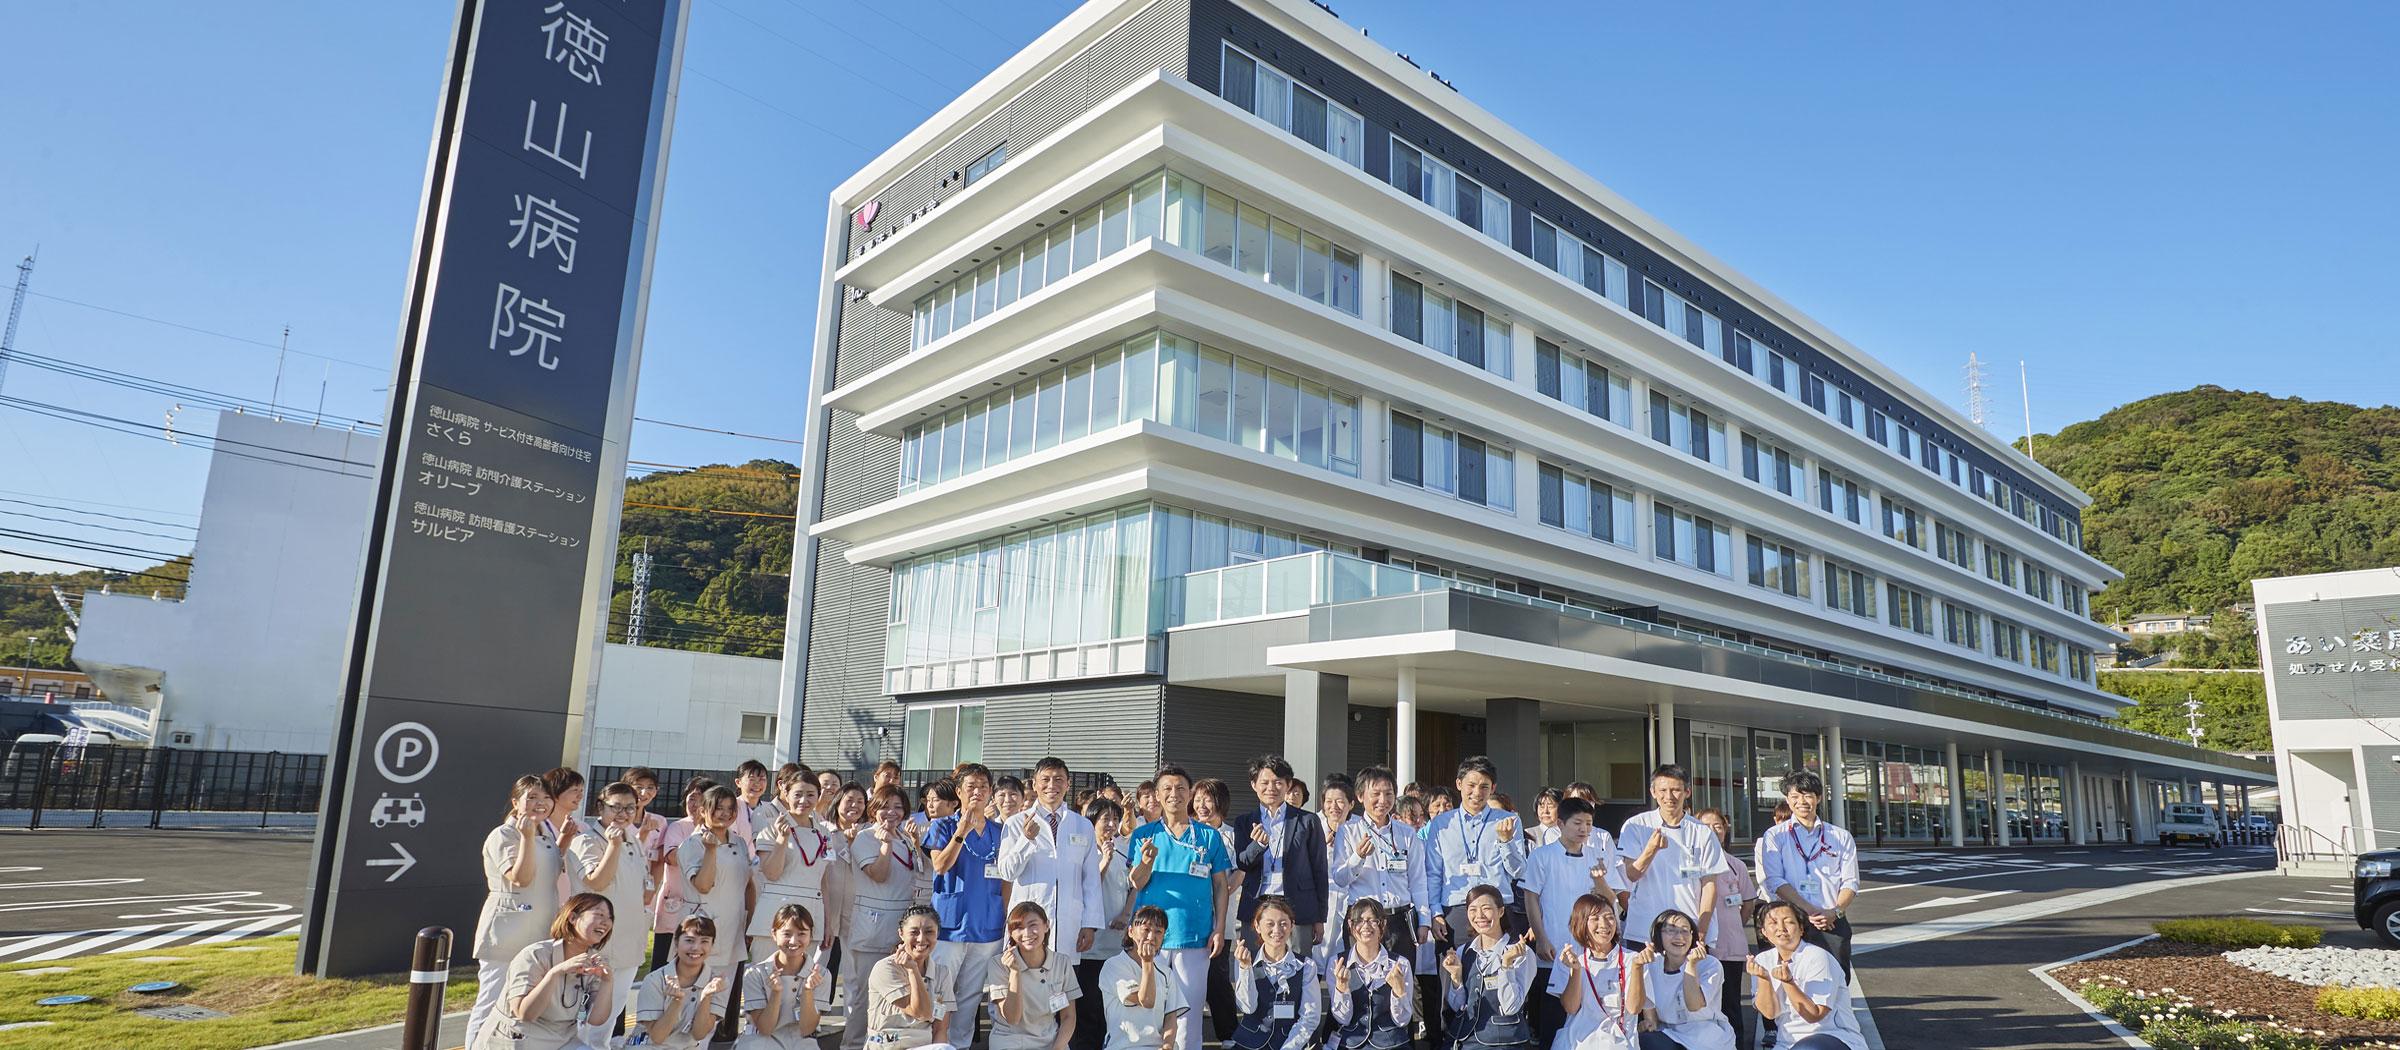 新病院開院予定 徳山病院